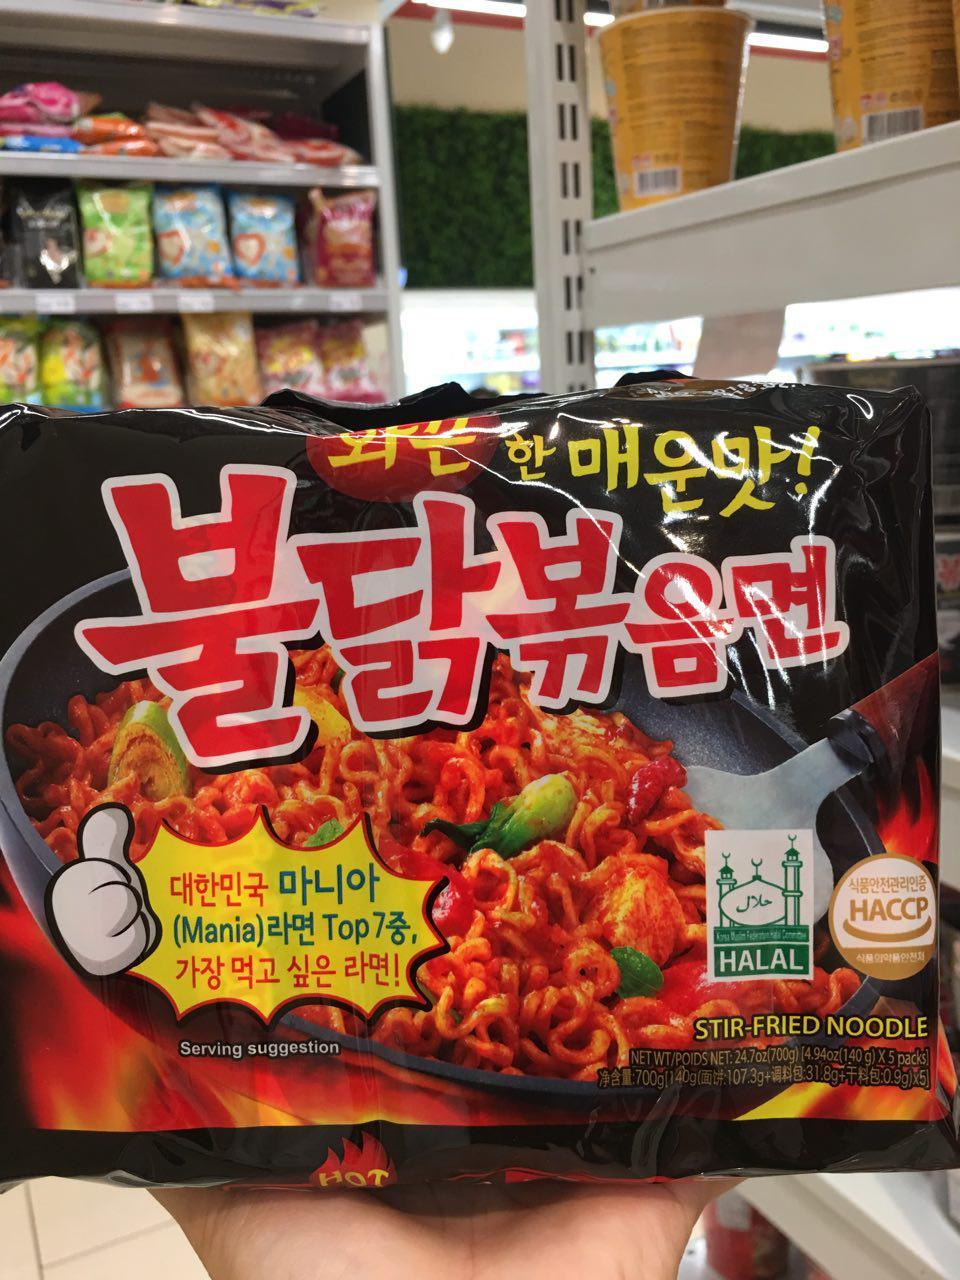 Halal Samyang Noodles